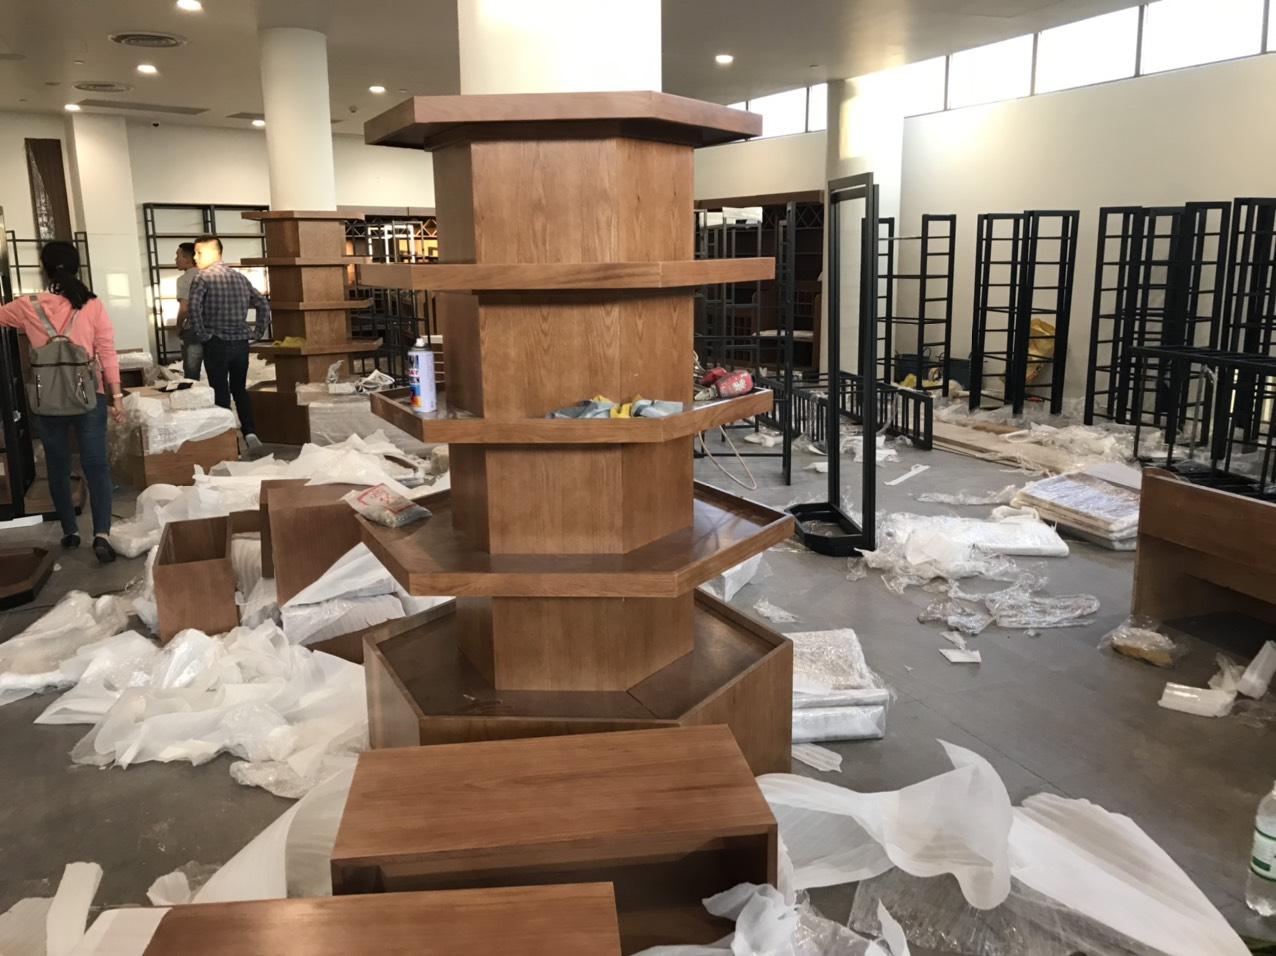 Thi công nội thất siêu thị Alma với hệ thống quầy kệ trưng bày hiện đại